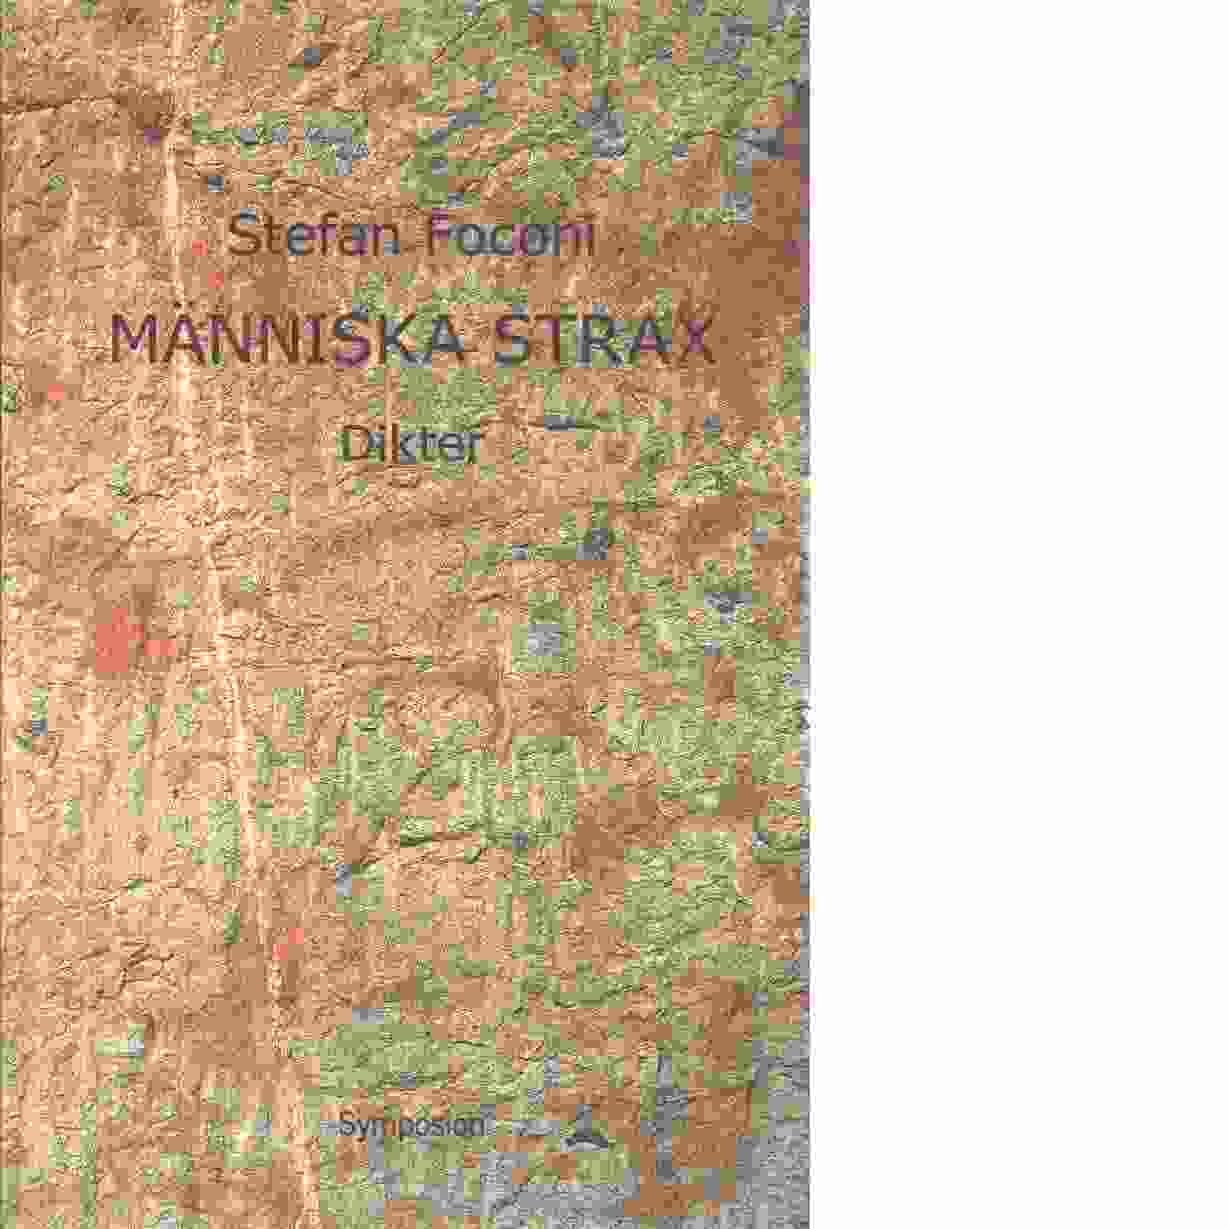 Människa strax : dikter - Foconi, Stefan